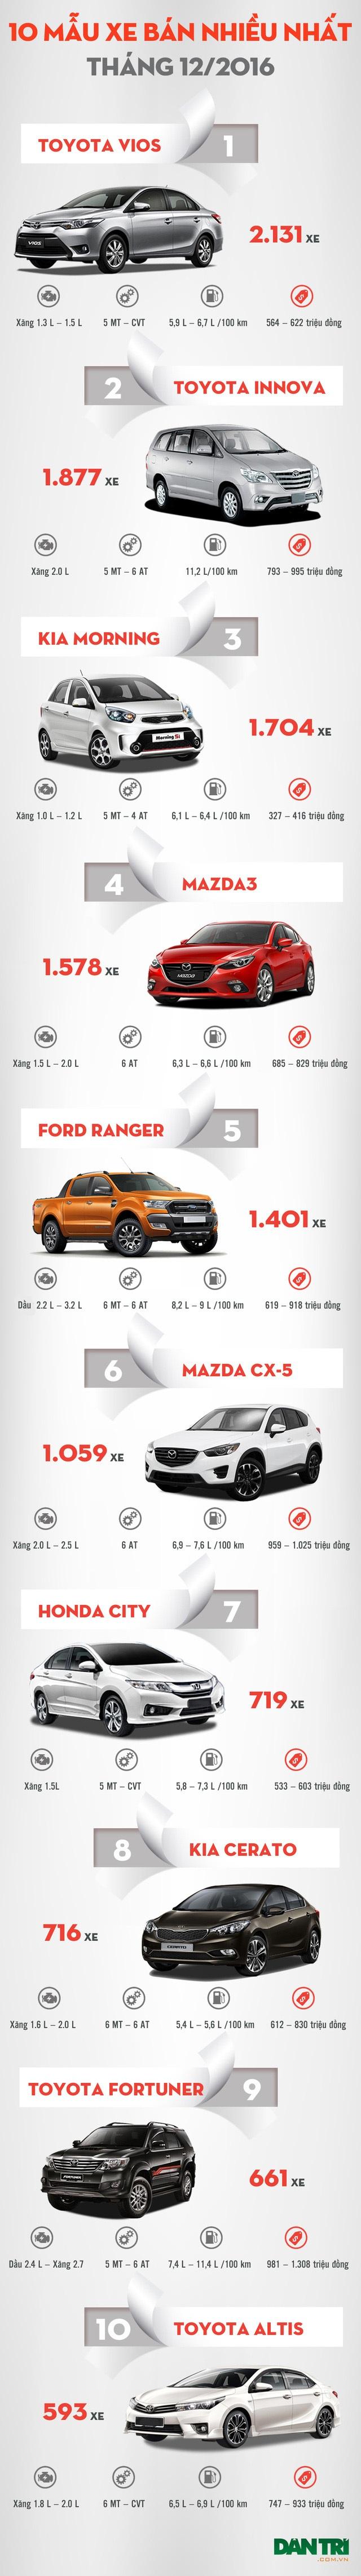 Top 10 mẫu xe bán nhiều nhất tháng 12/2016 - 1